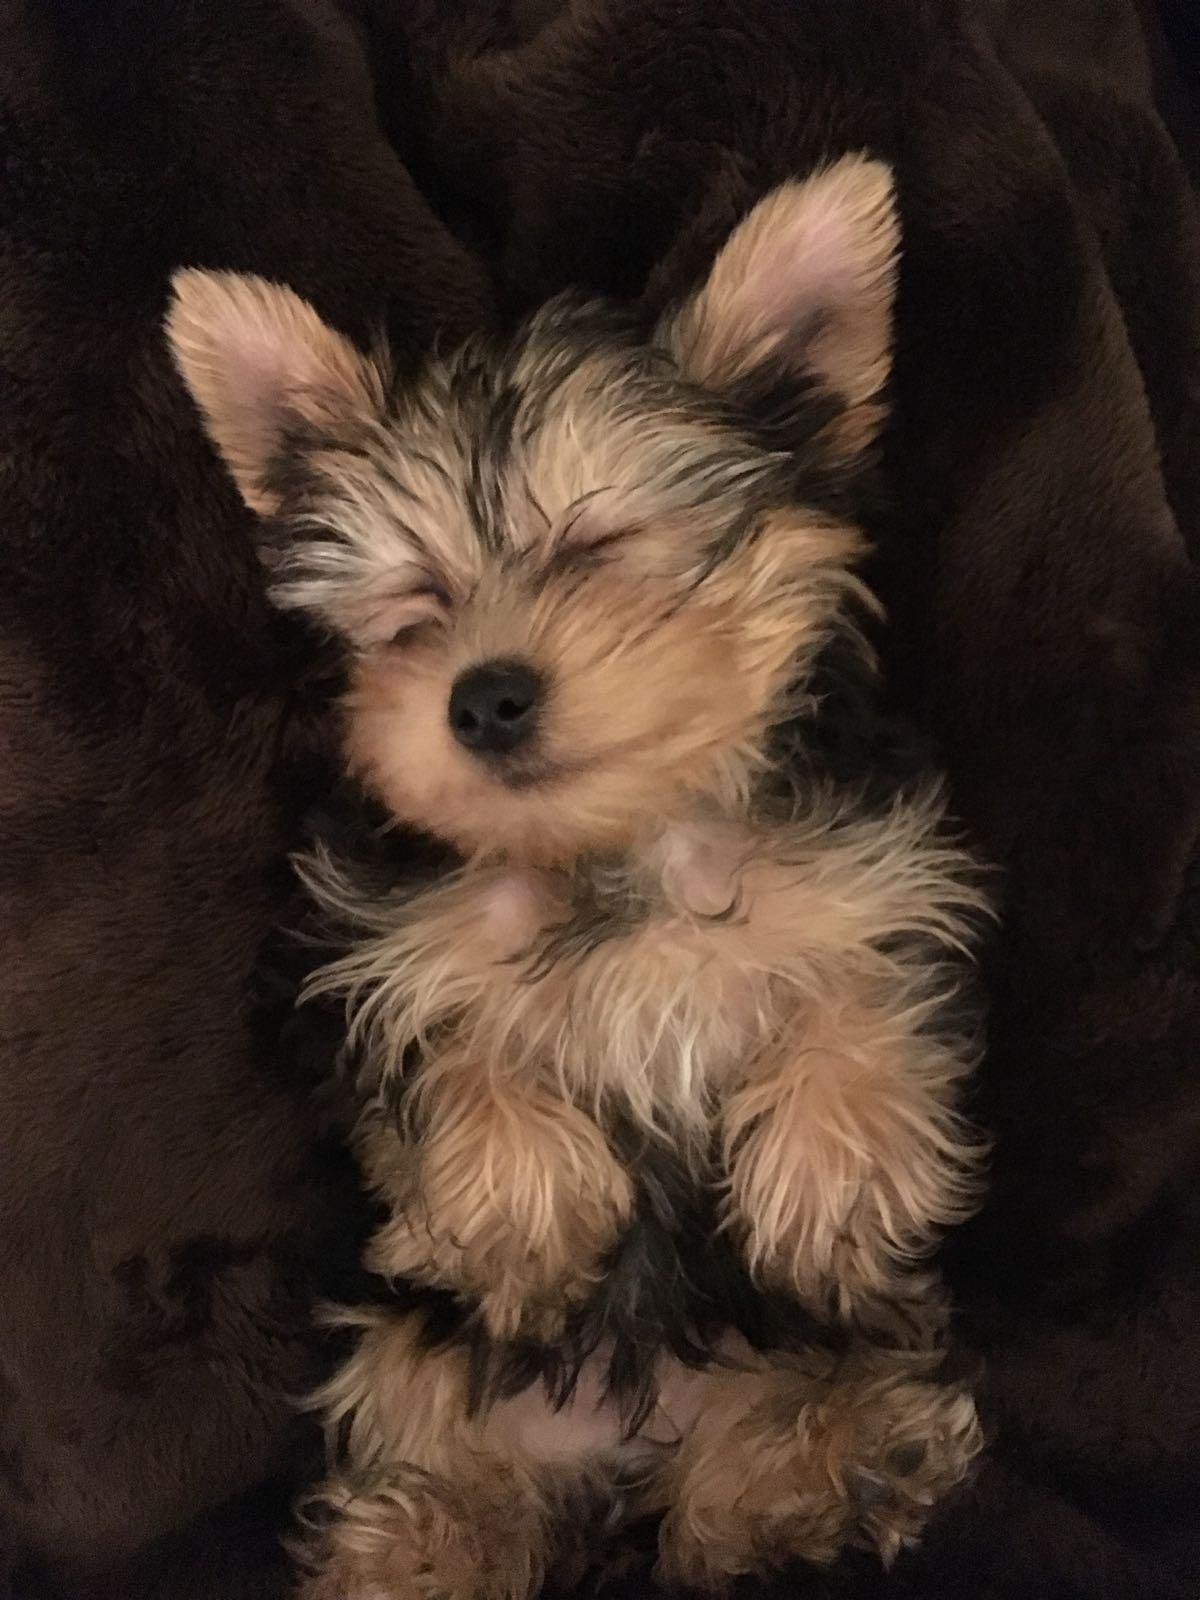 Ben the puppy sleeping (Barbara Siquiera)